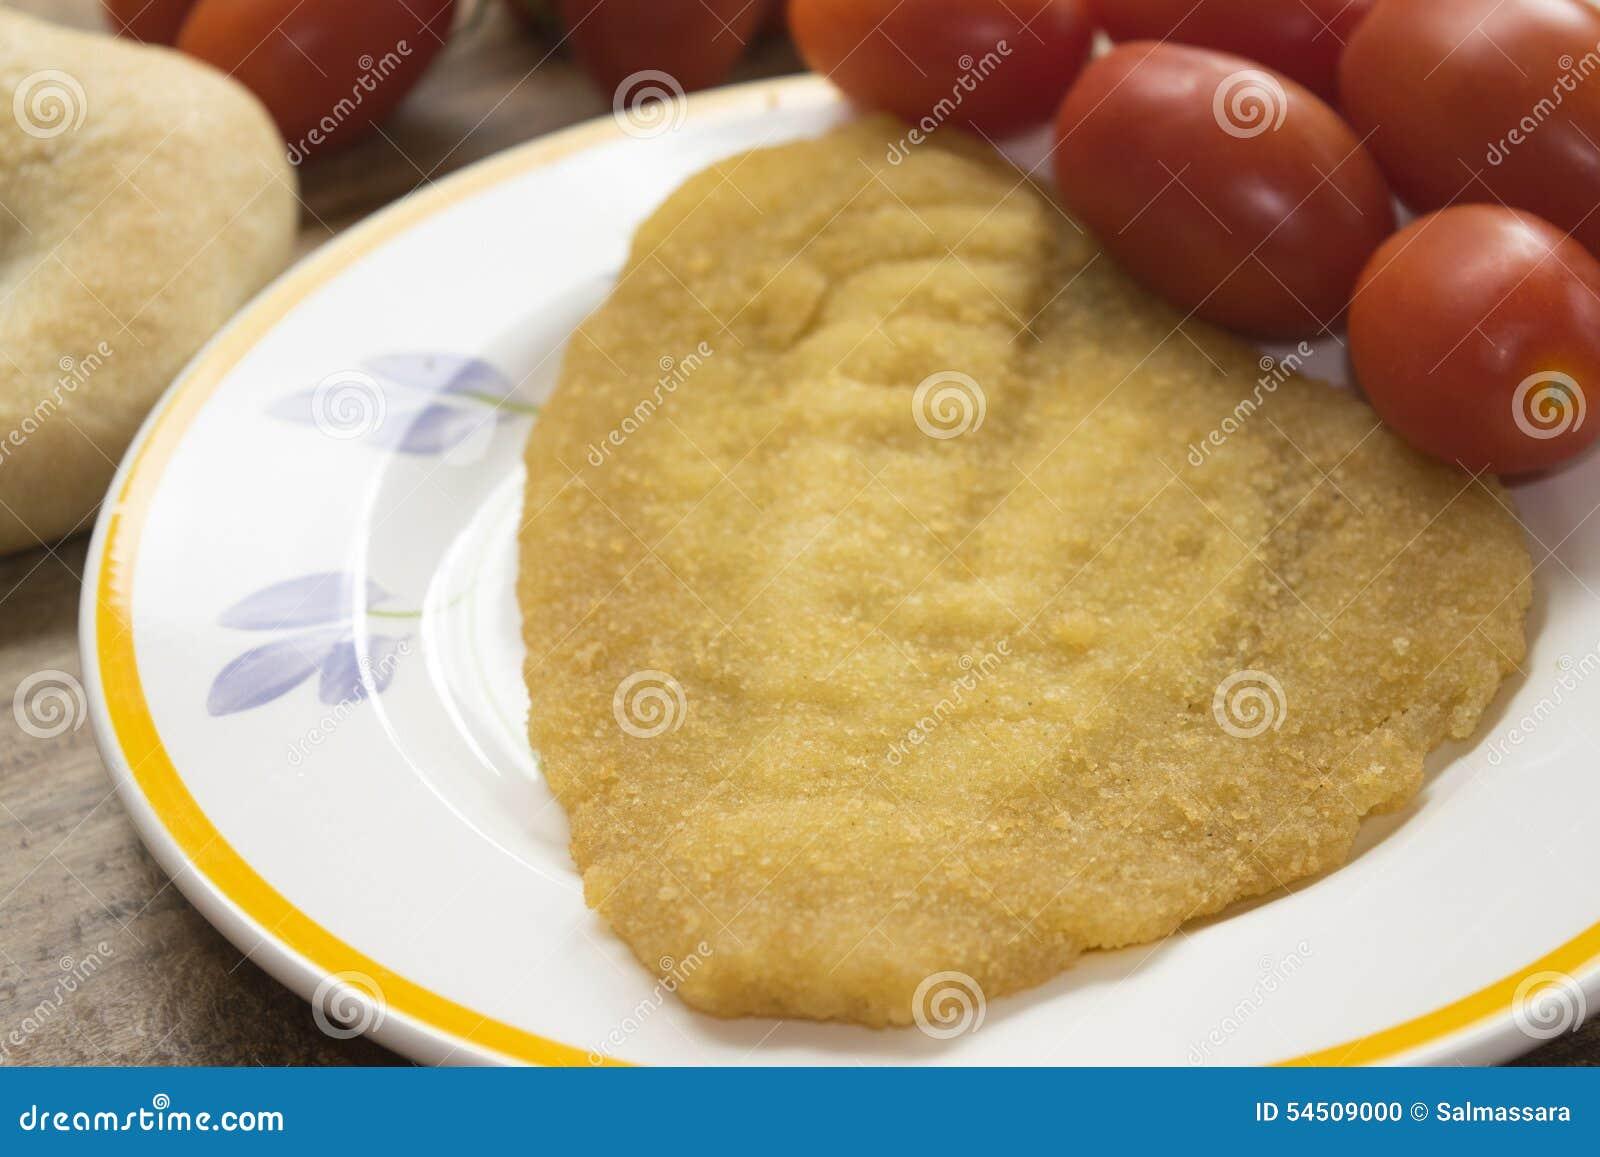 Filet unique pané et frit